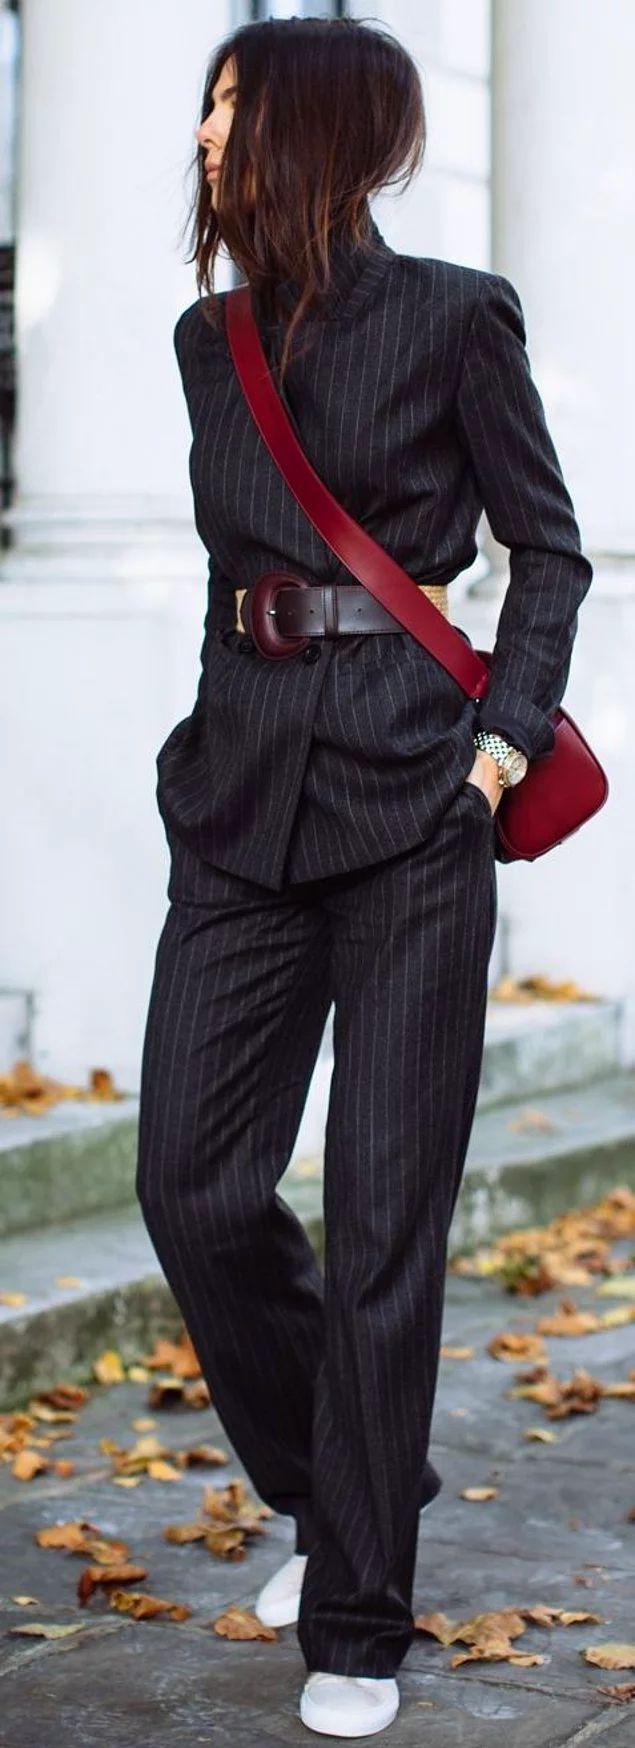 Moda Sever Her Kadını Ortamların En Şıkı Haline Getirme Garantili 15 Trend Parça